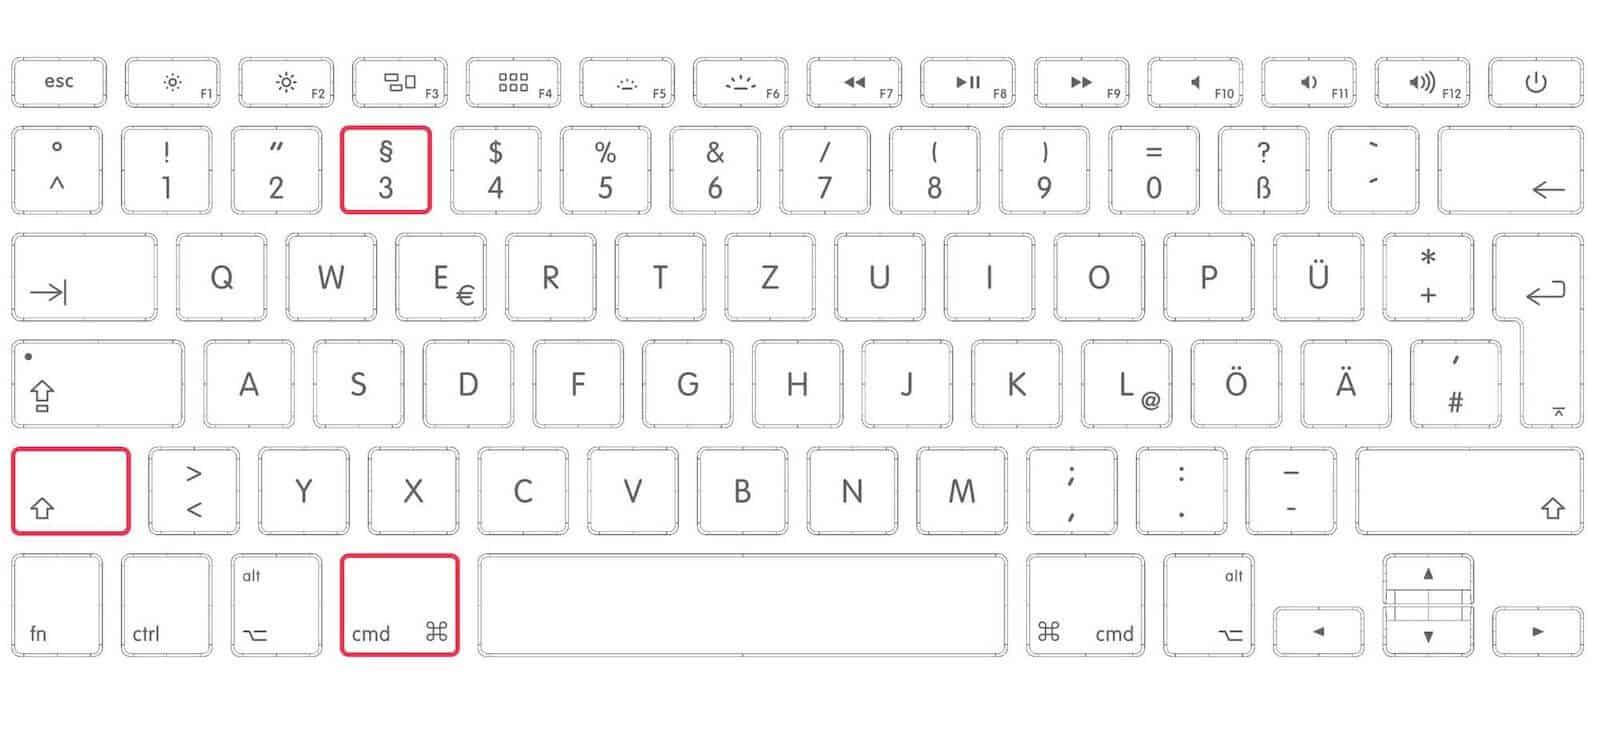 como tomar captura de pantalla en laptop mac os